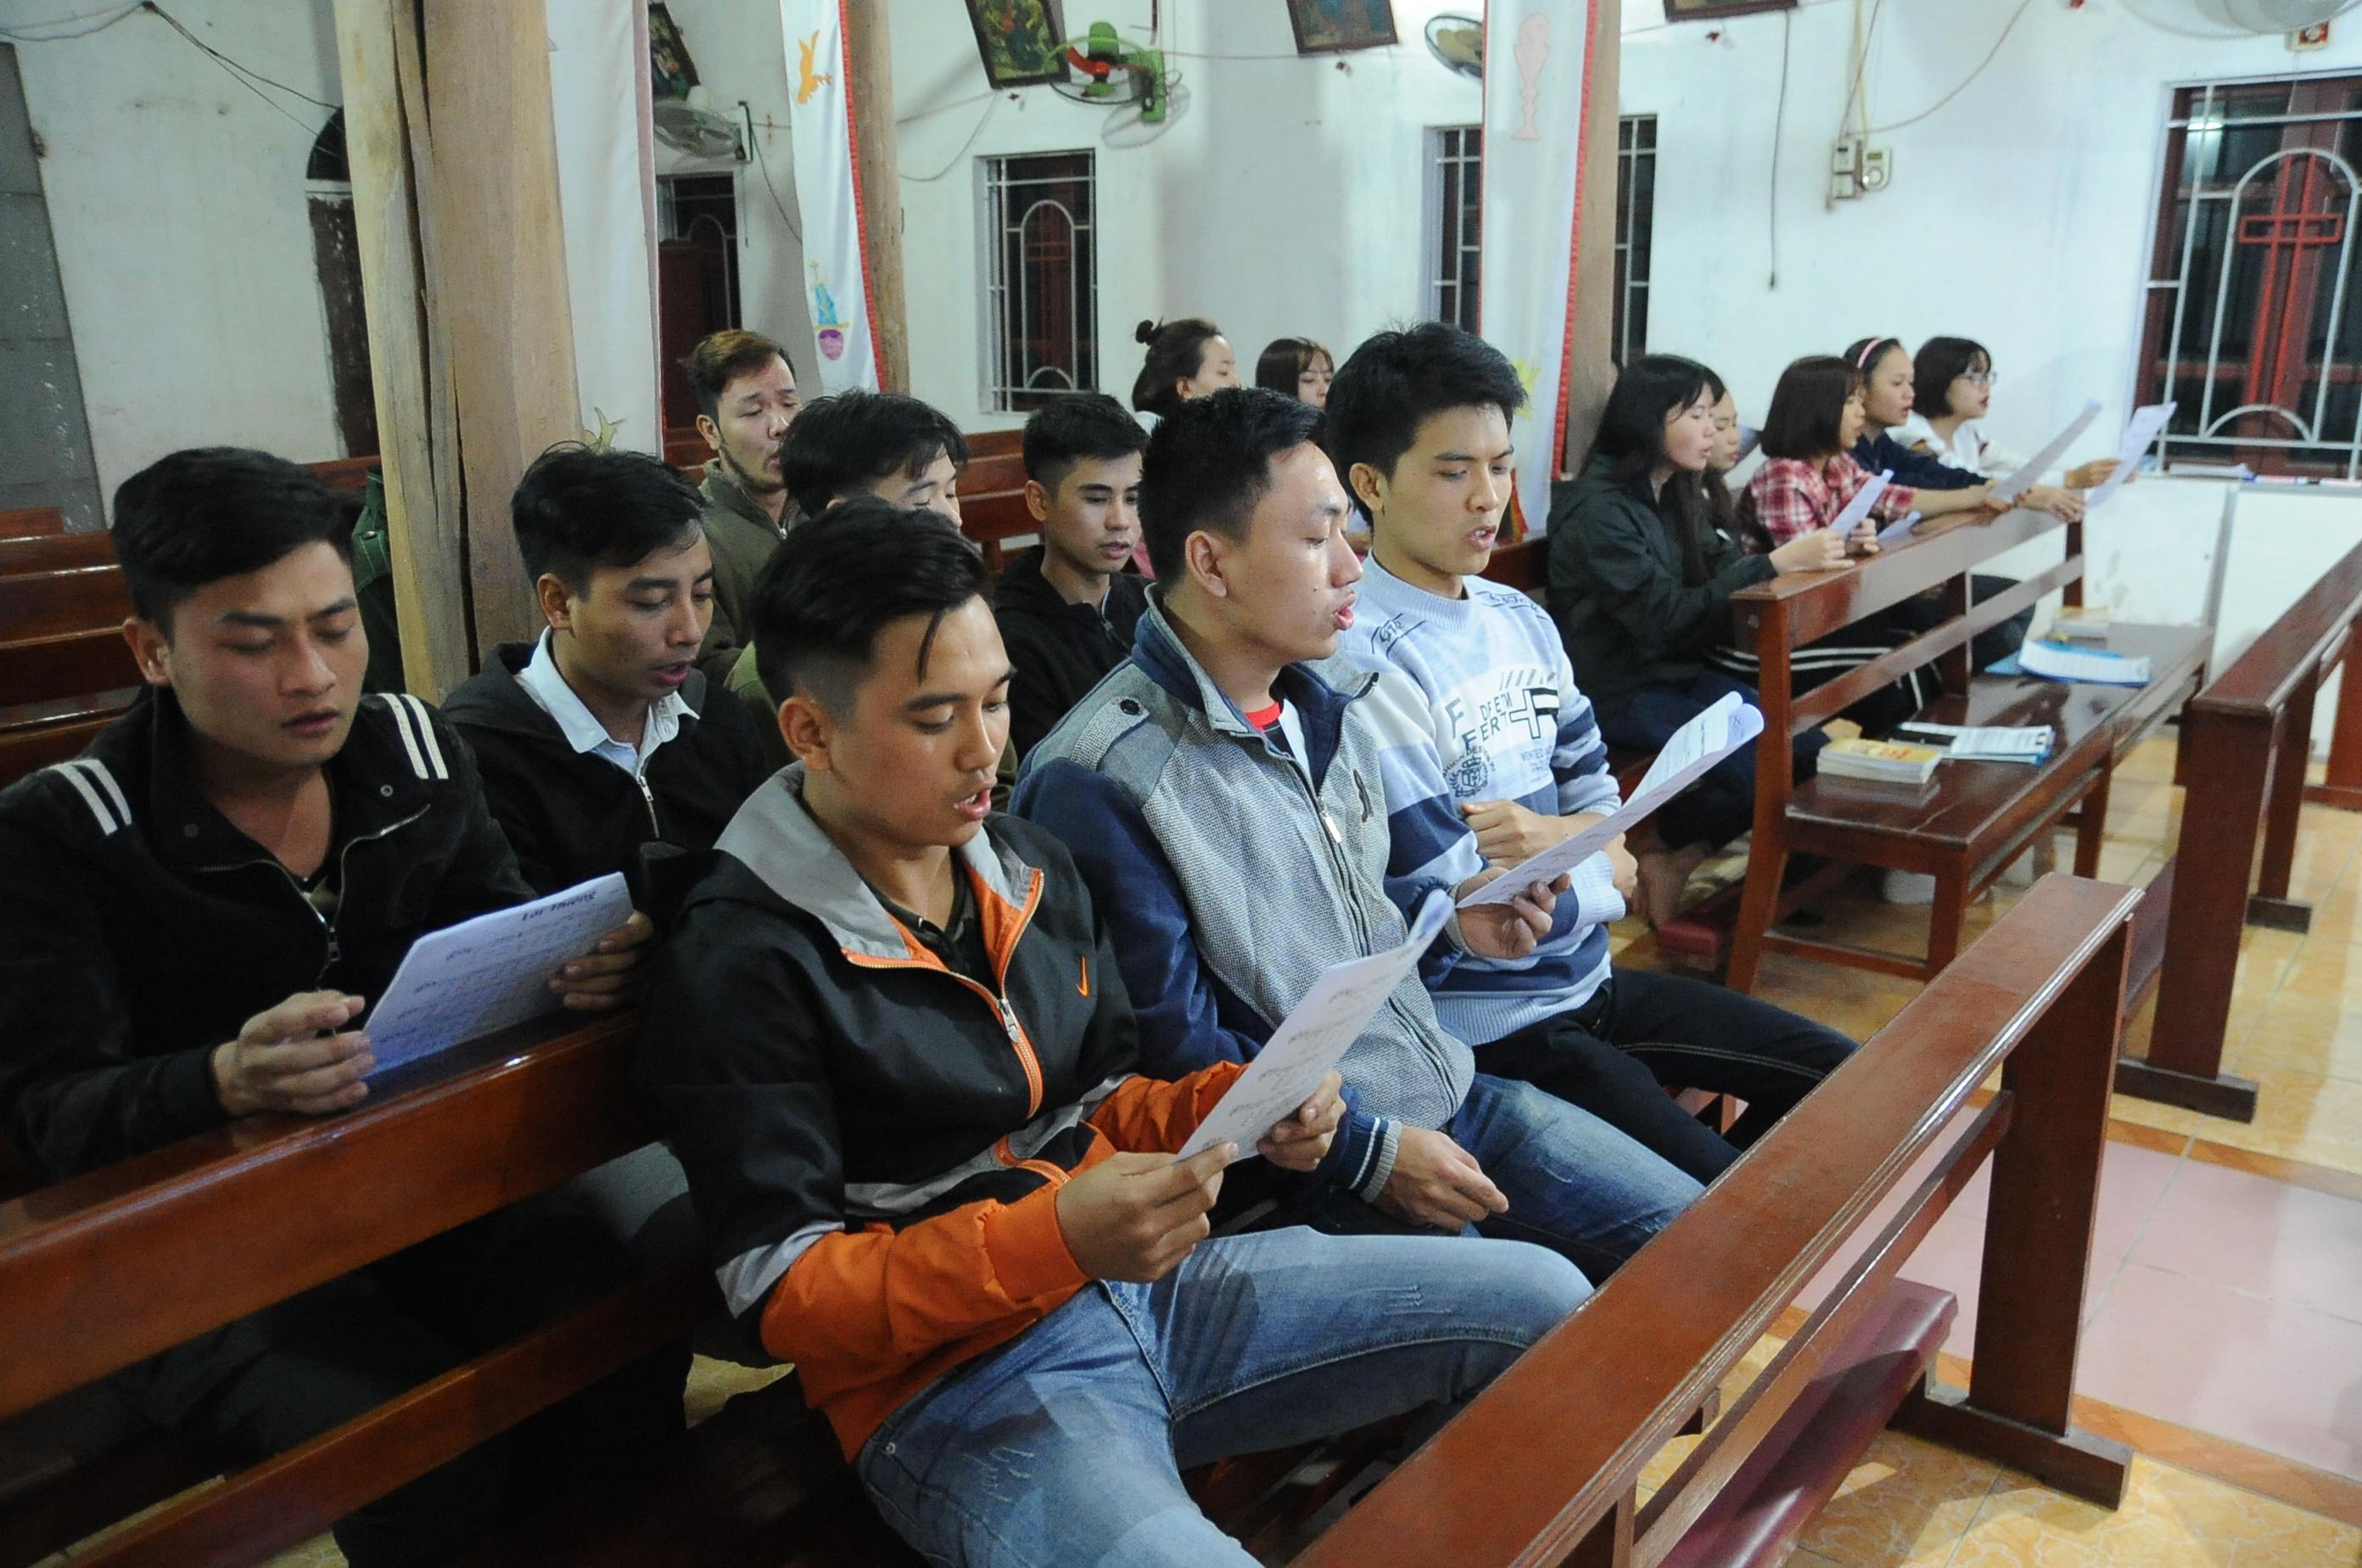 Công tác chuẩn bị Lễ Bổn Mạng & Truyền Thống lần thứ XI của SVCG Di Trạch